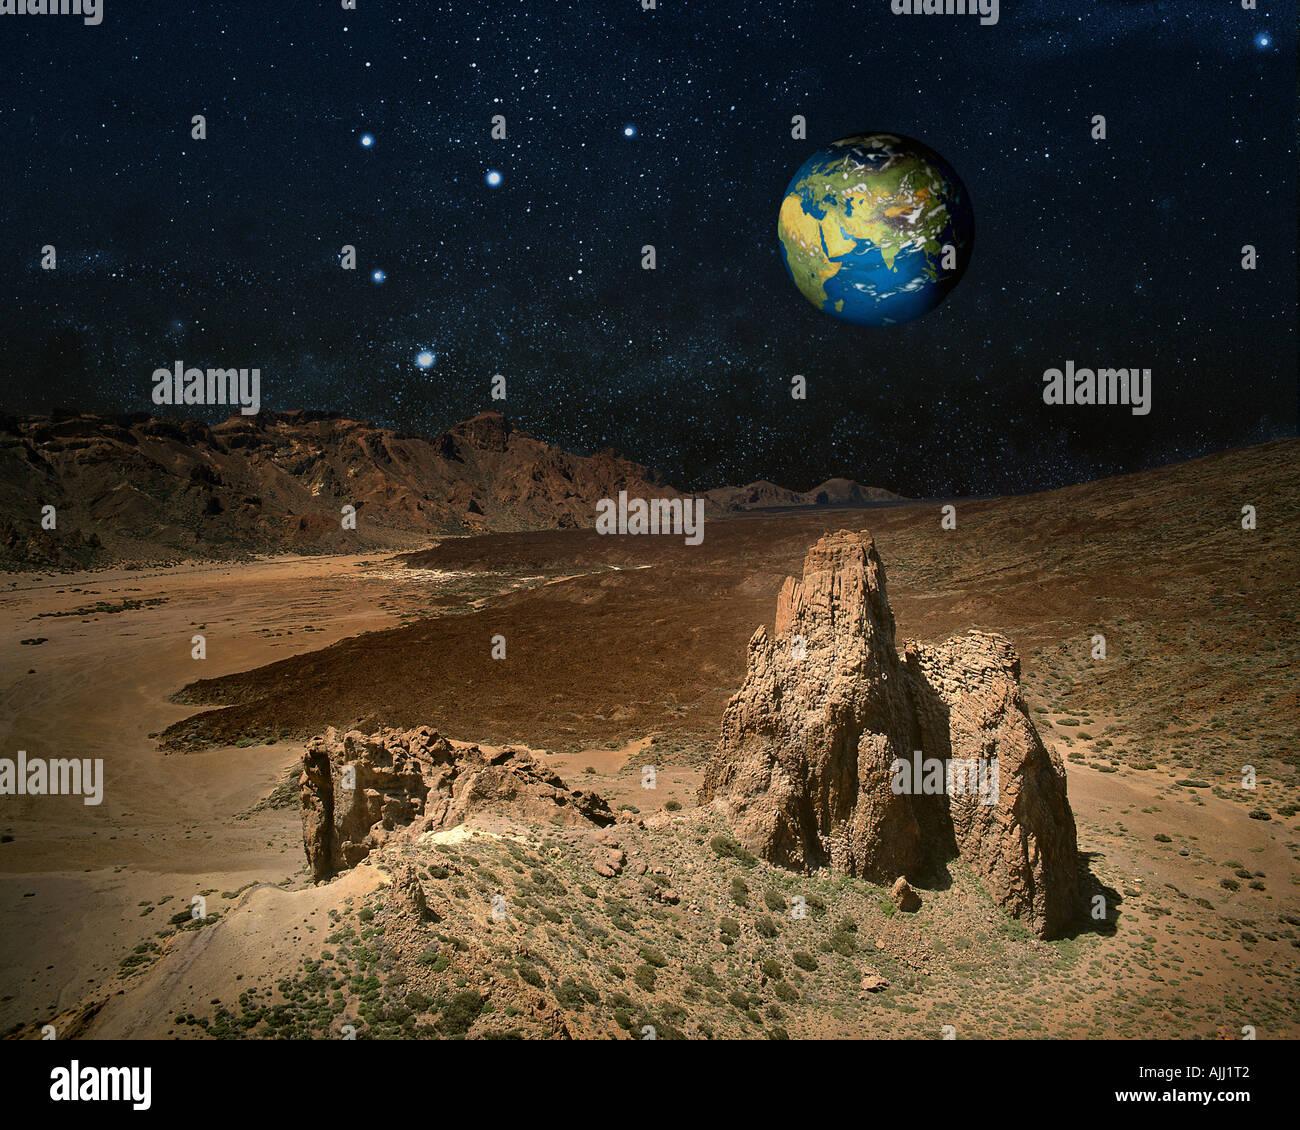 Concepto de la fotografía: el planeta Tierra desde el espacio exterior Imagen De Stock